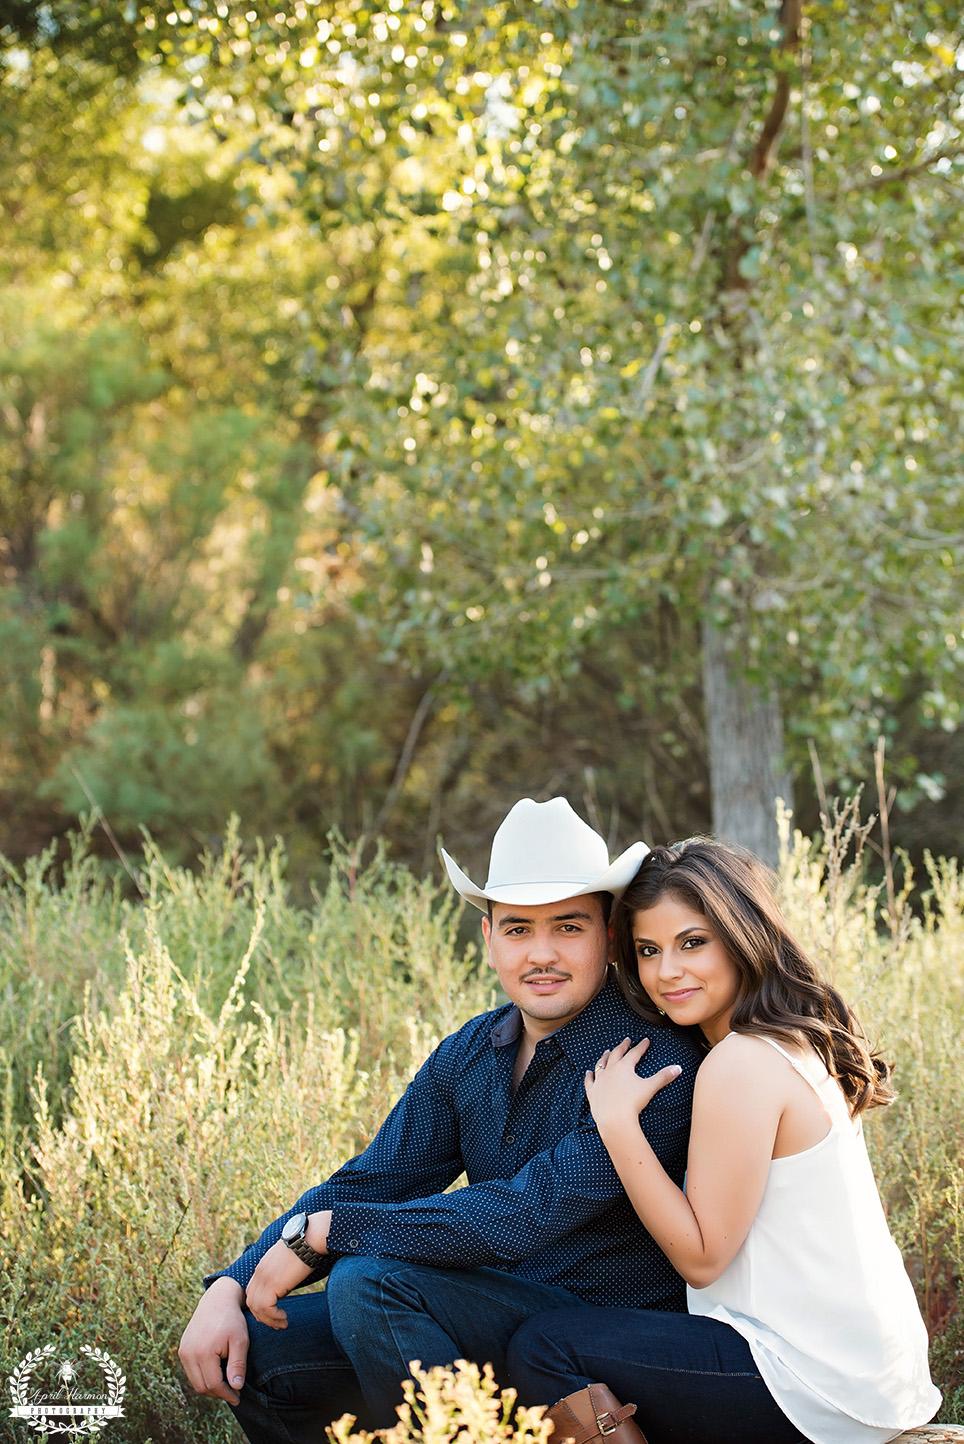 engagement-photography-southwest-ks-5.jpg